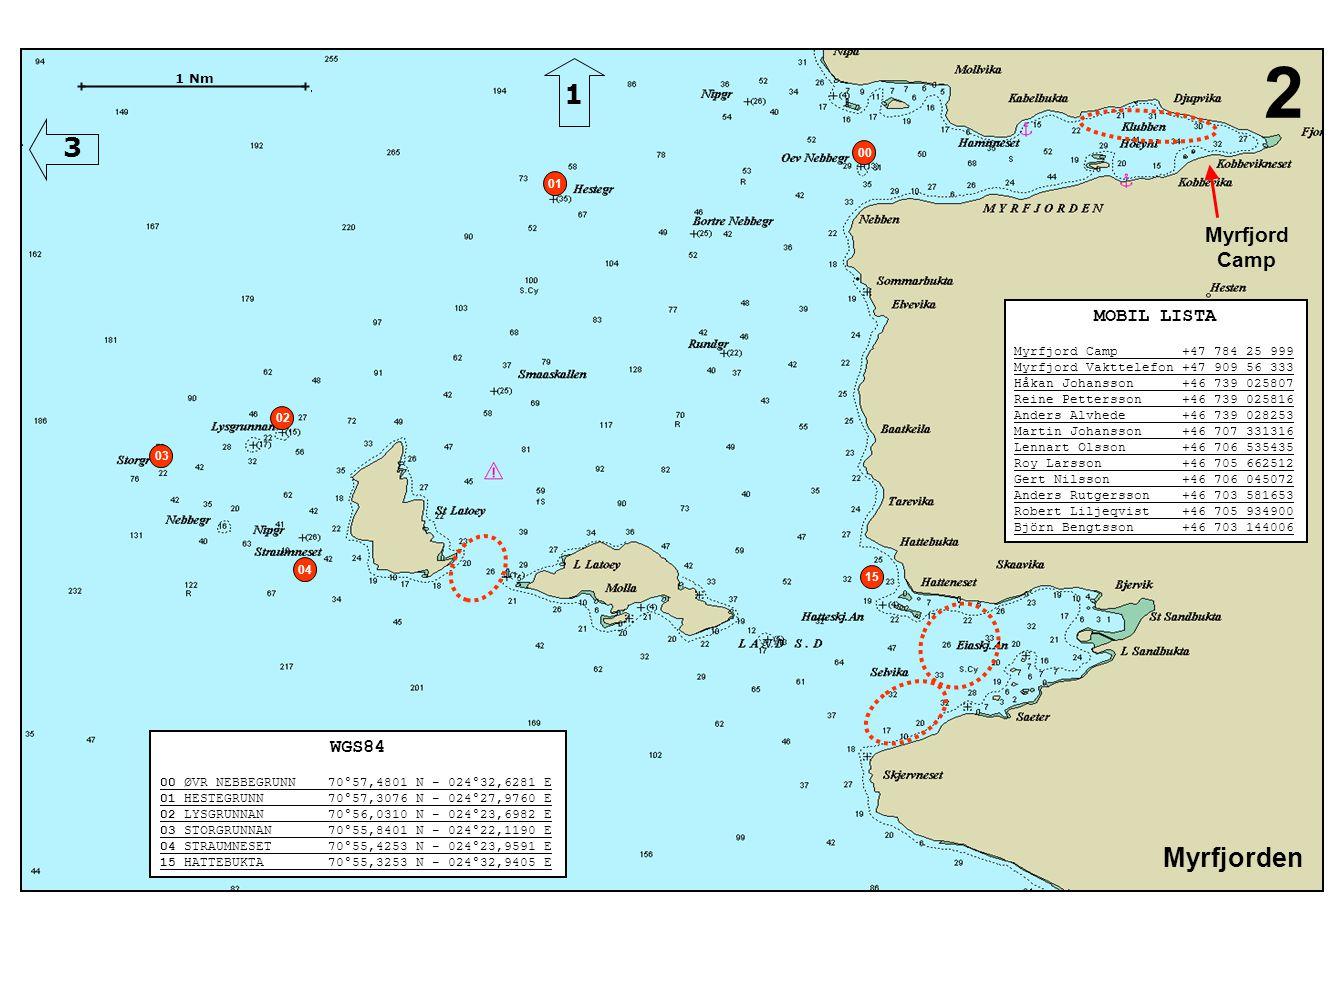 Myrfjorden 2 WGS84 00 ØVR NEBBEGRUNN 70°57,4801 N - 024°32,6281 E 01 HESTEGRUNN 70°57,3076 N - 024°27,9760 E 02 LYSGRUNNAN 70°56,0310 N - 024°23,6982